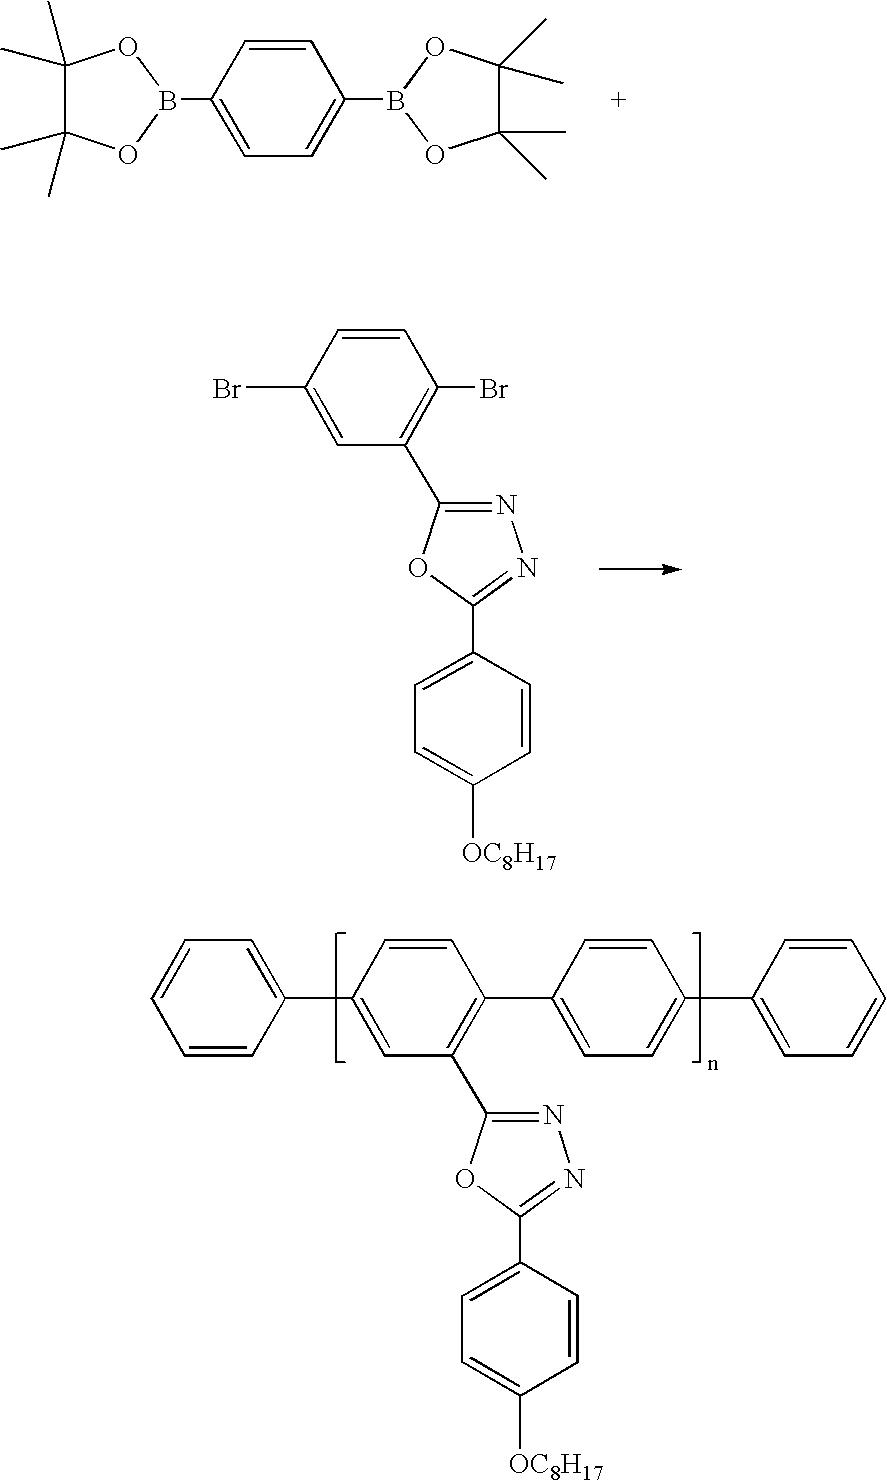 Figure US20040062930A1-20040401-C00066